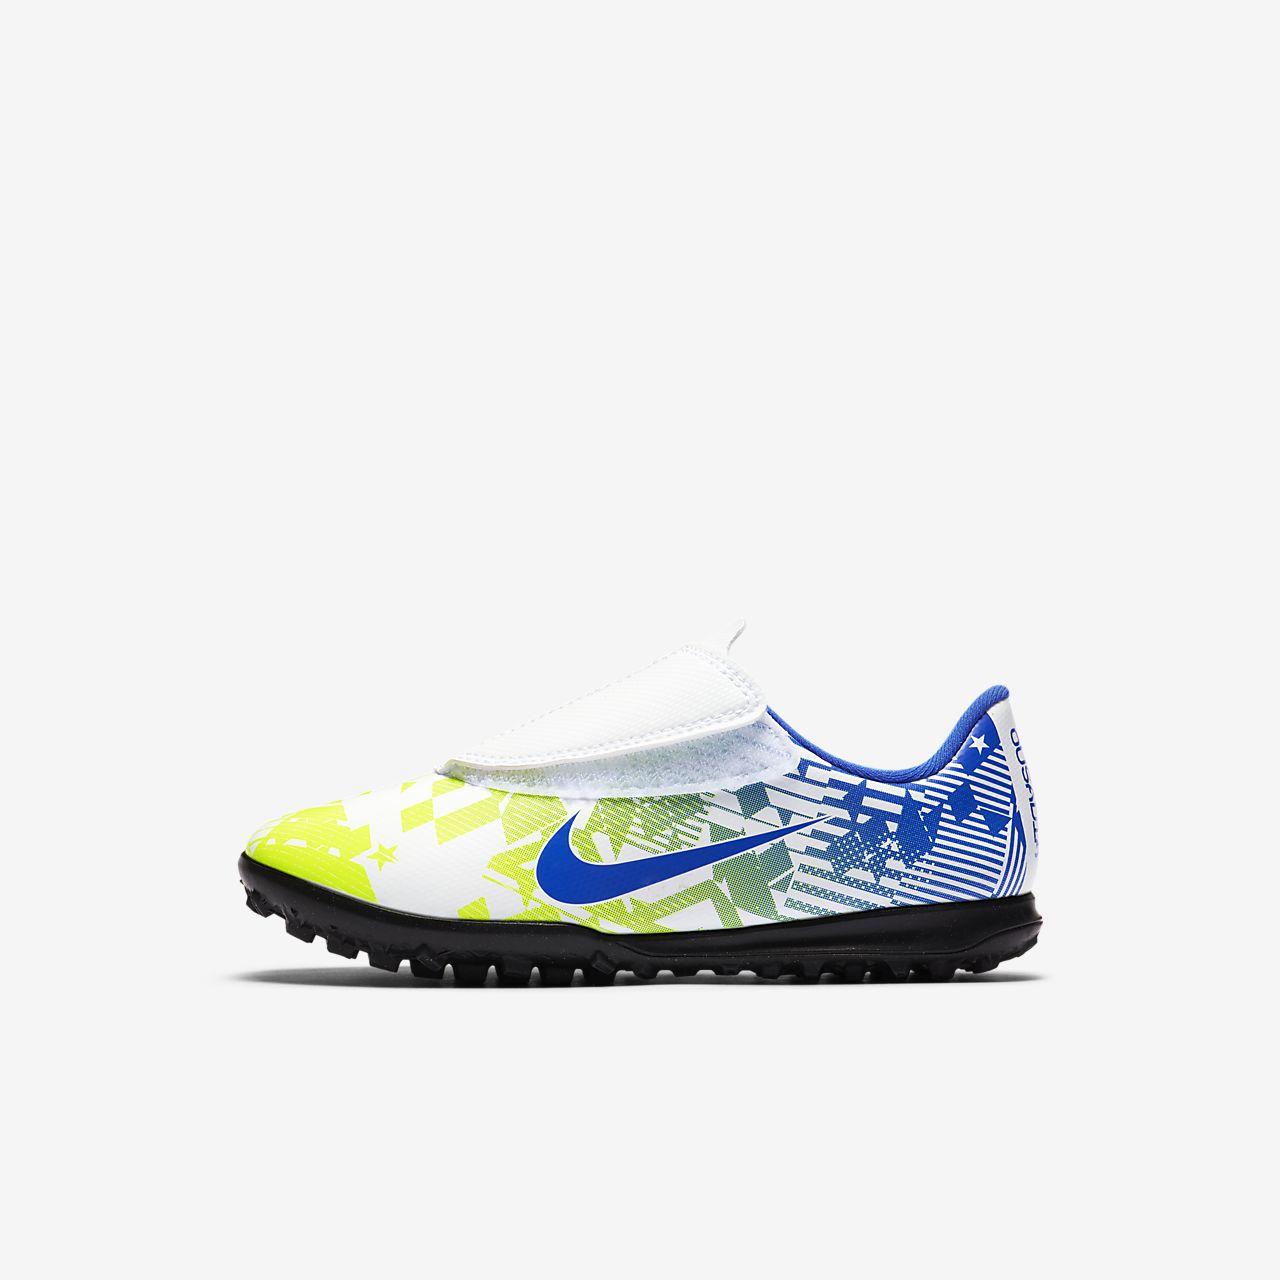 Chaussure de football pour surface synthétique Nike Jr. Mercurial Vapor 13 Club Neymar Jr. TF pour Jeune enfant